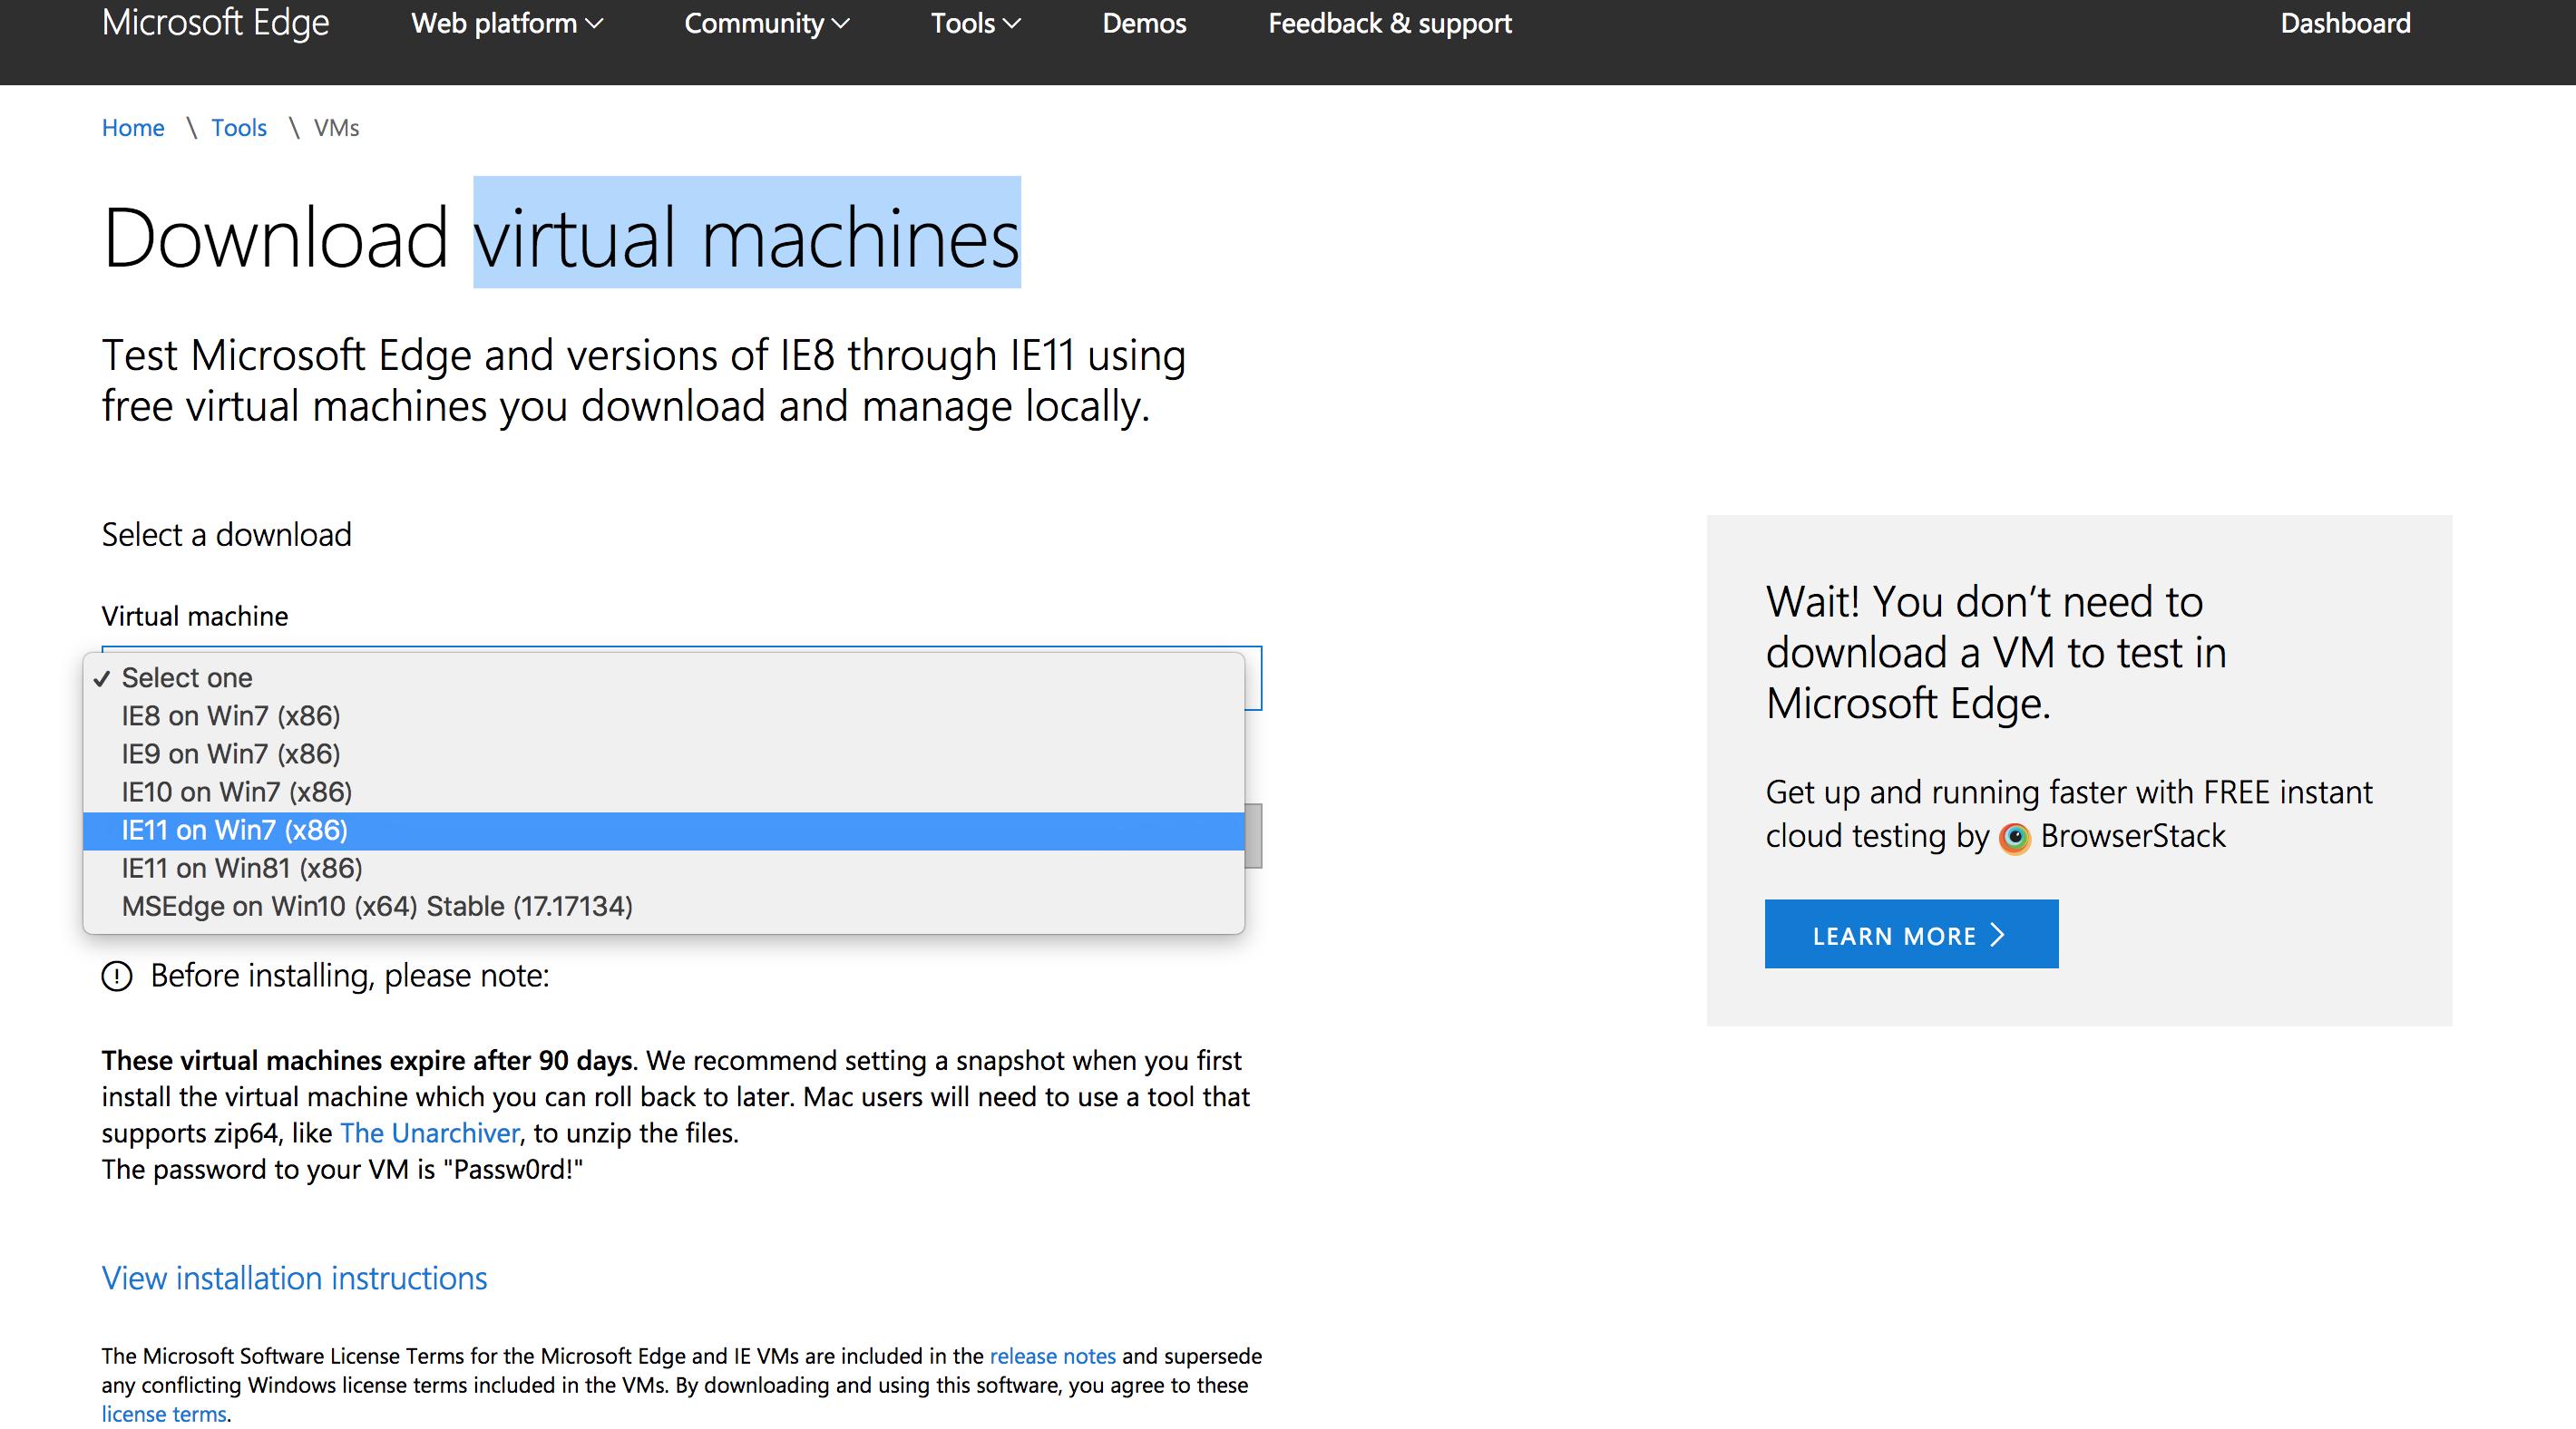 MacにWindowsOSを入れて動かしてみる